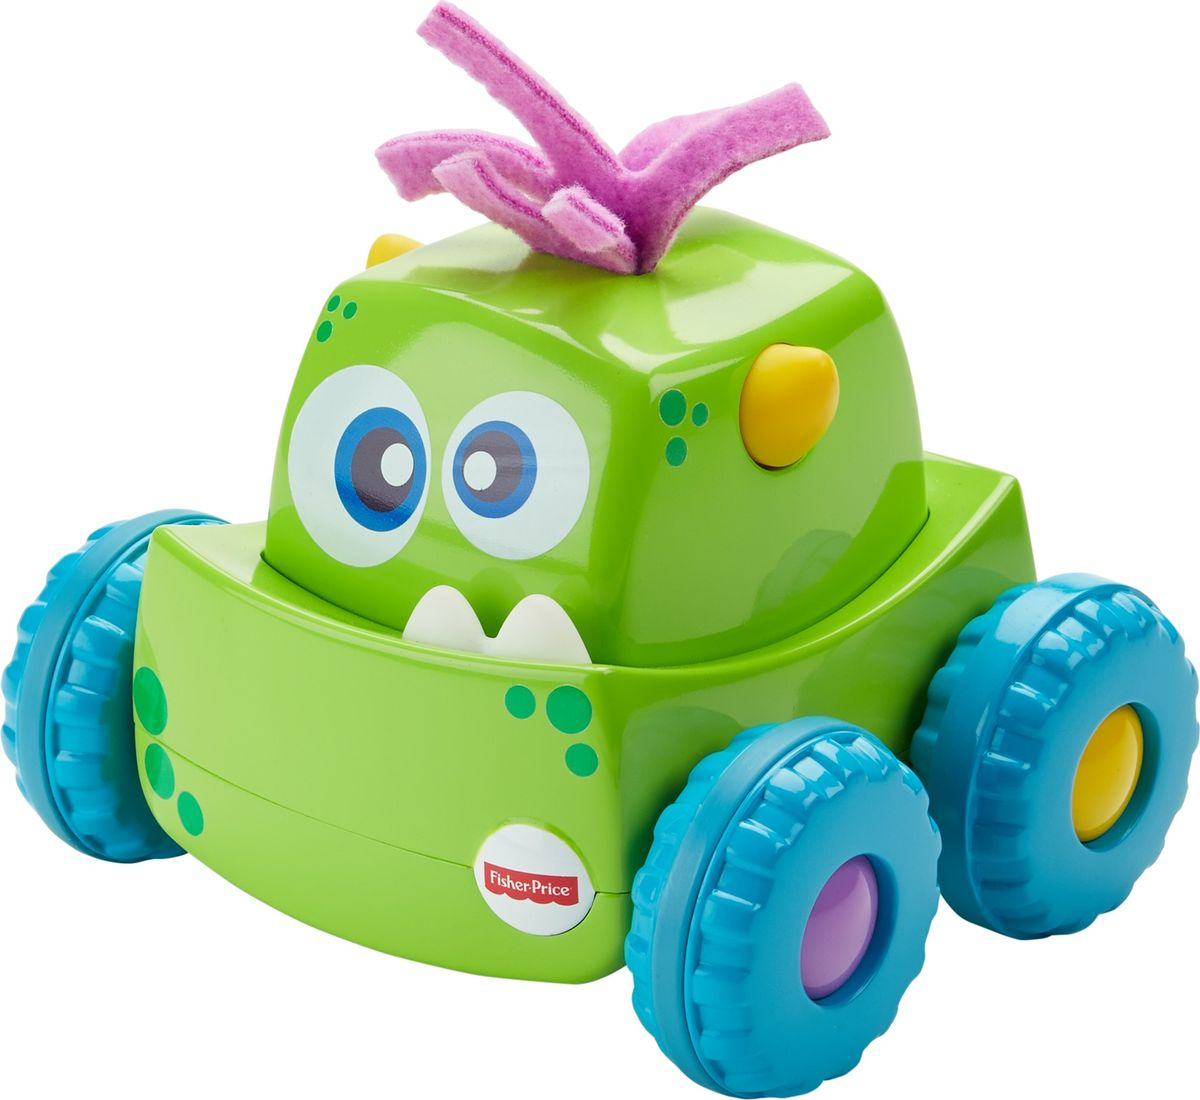 Fisher-Price Развивающая игрушка Инерционный монстрик цвет зеленый fisher price развивающая игрушка пианино ученого щенка